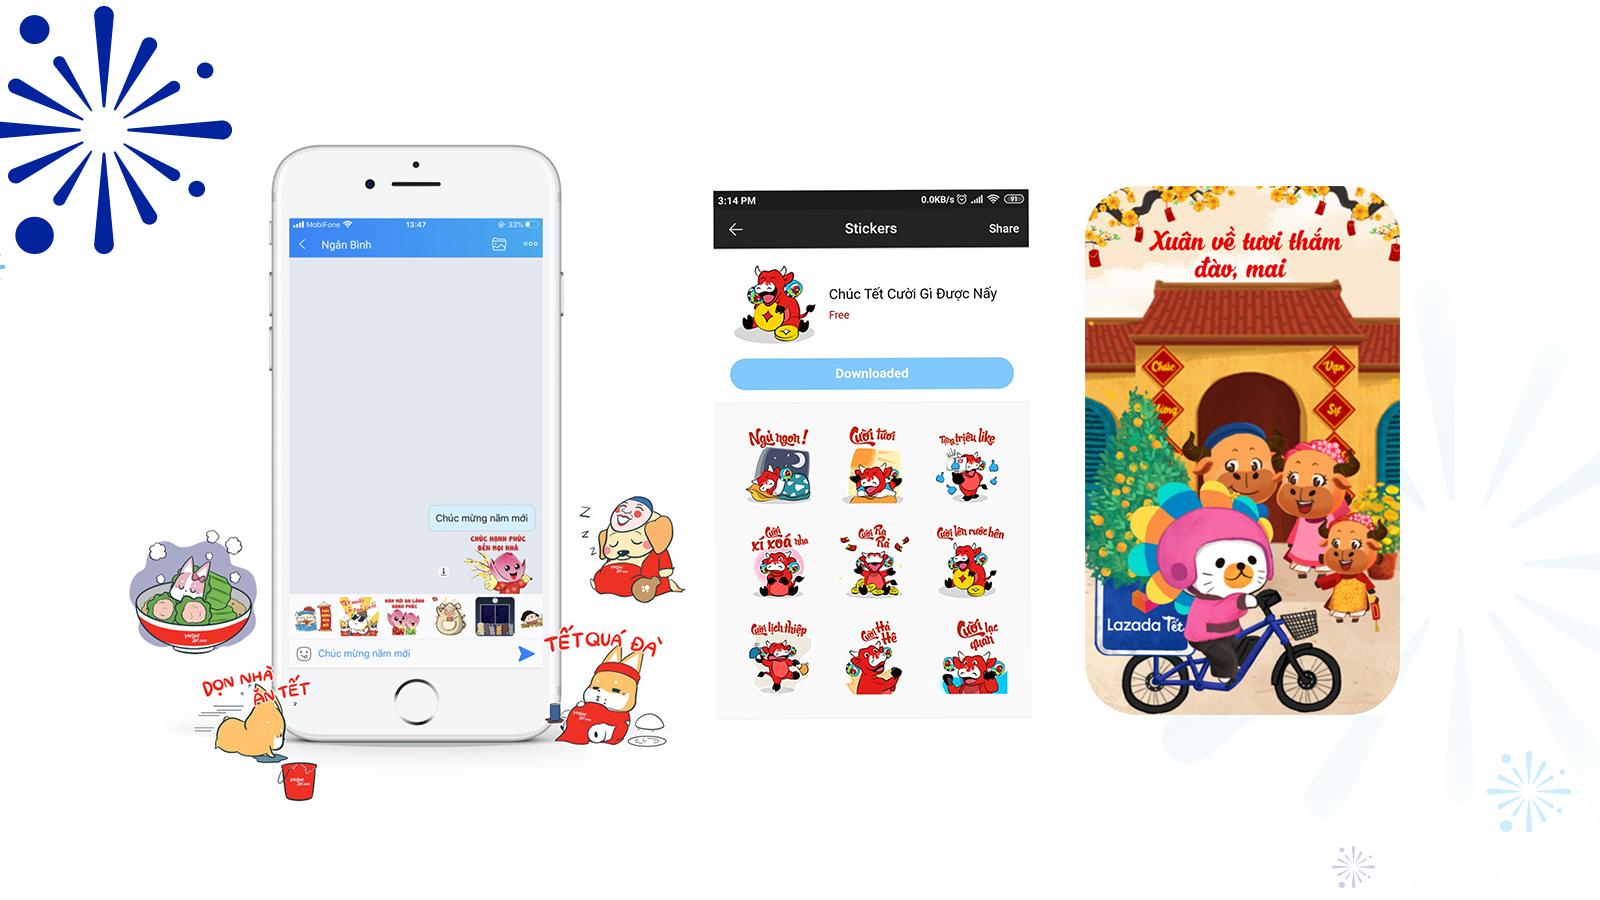 Sticker Tết – giúp nhãn hàng đi vào hội thoại của người dùng một cách tự nhiên